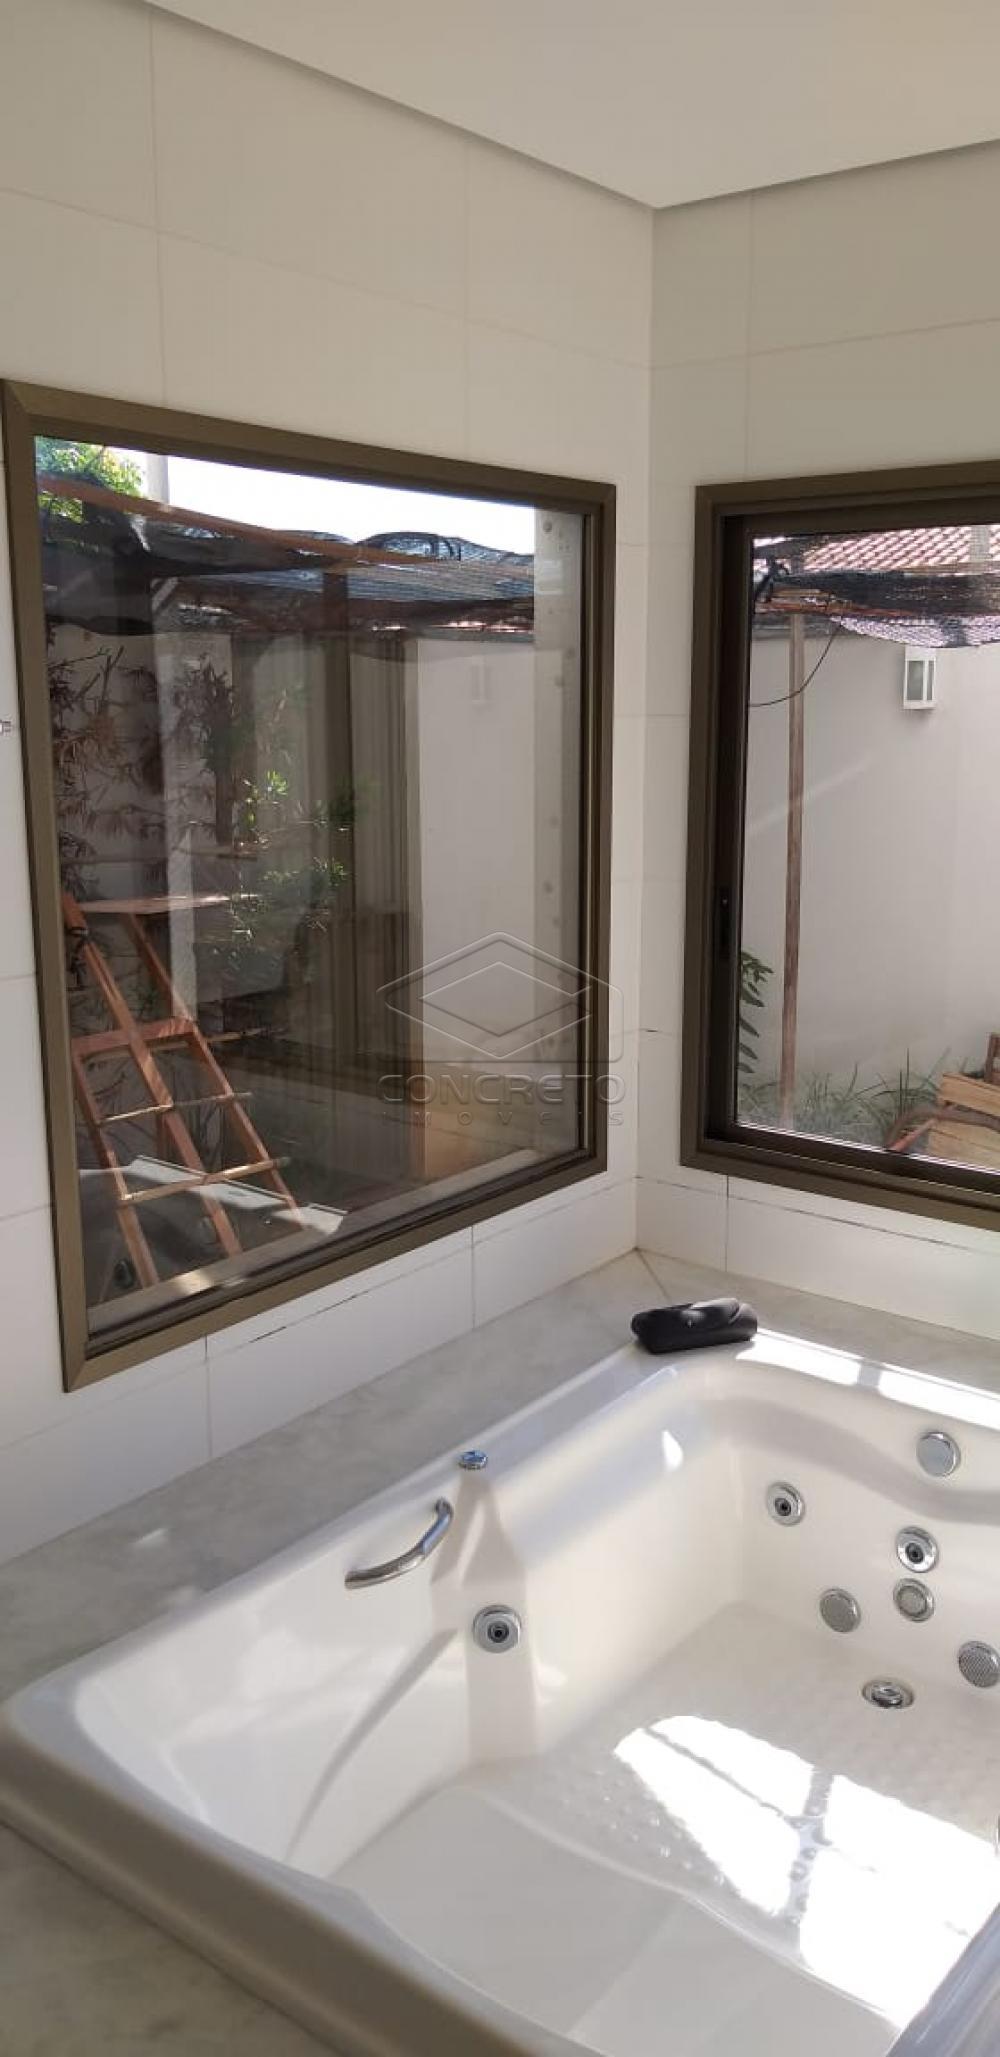 Comprar Casa / Condomínio em Agudos R$ 1.490.000,00 - Foto 5